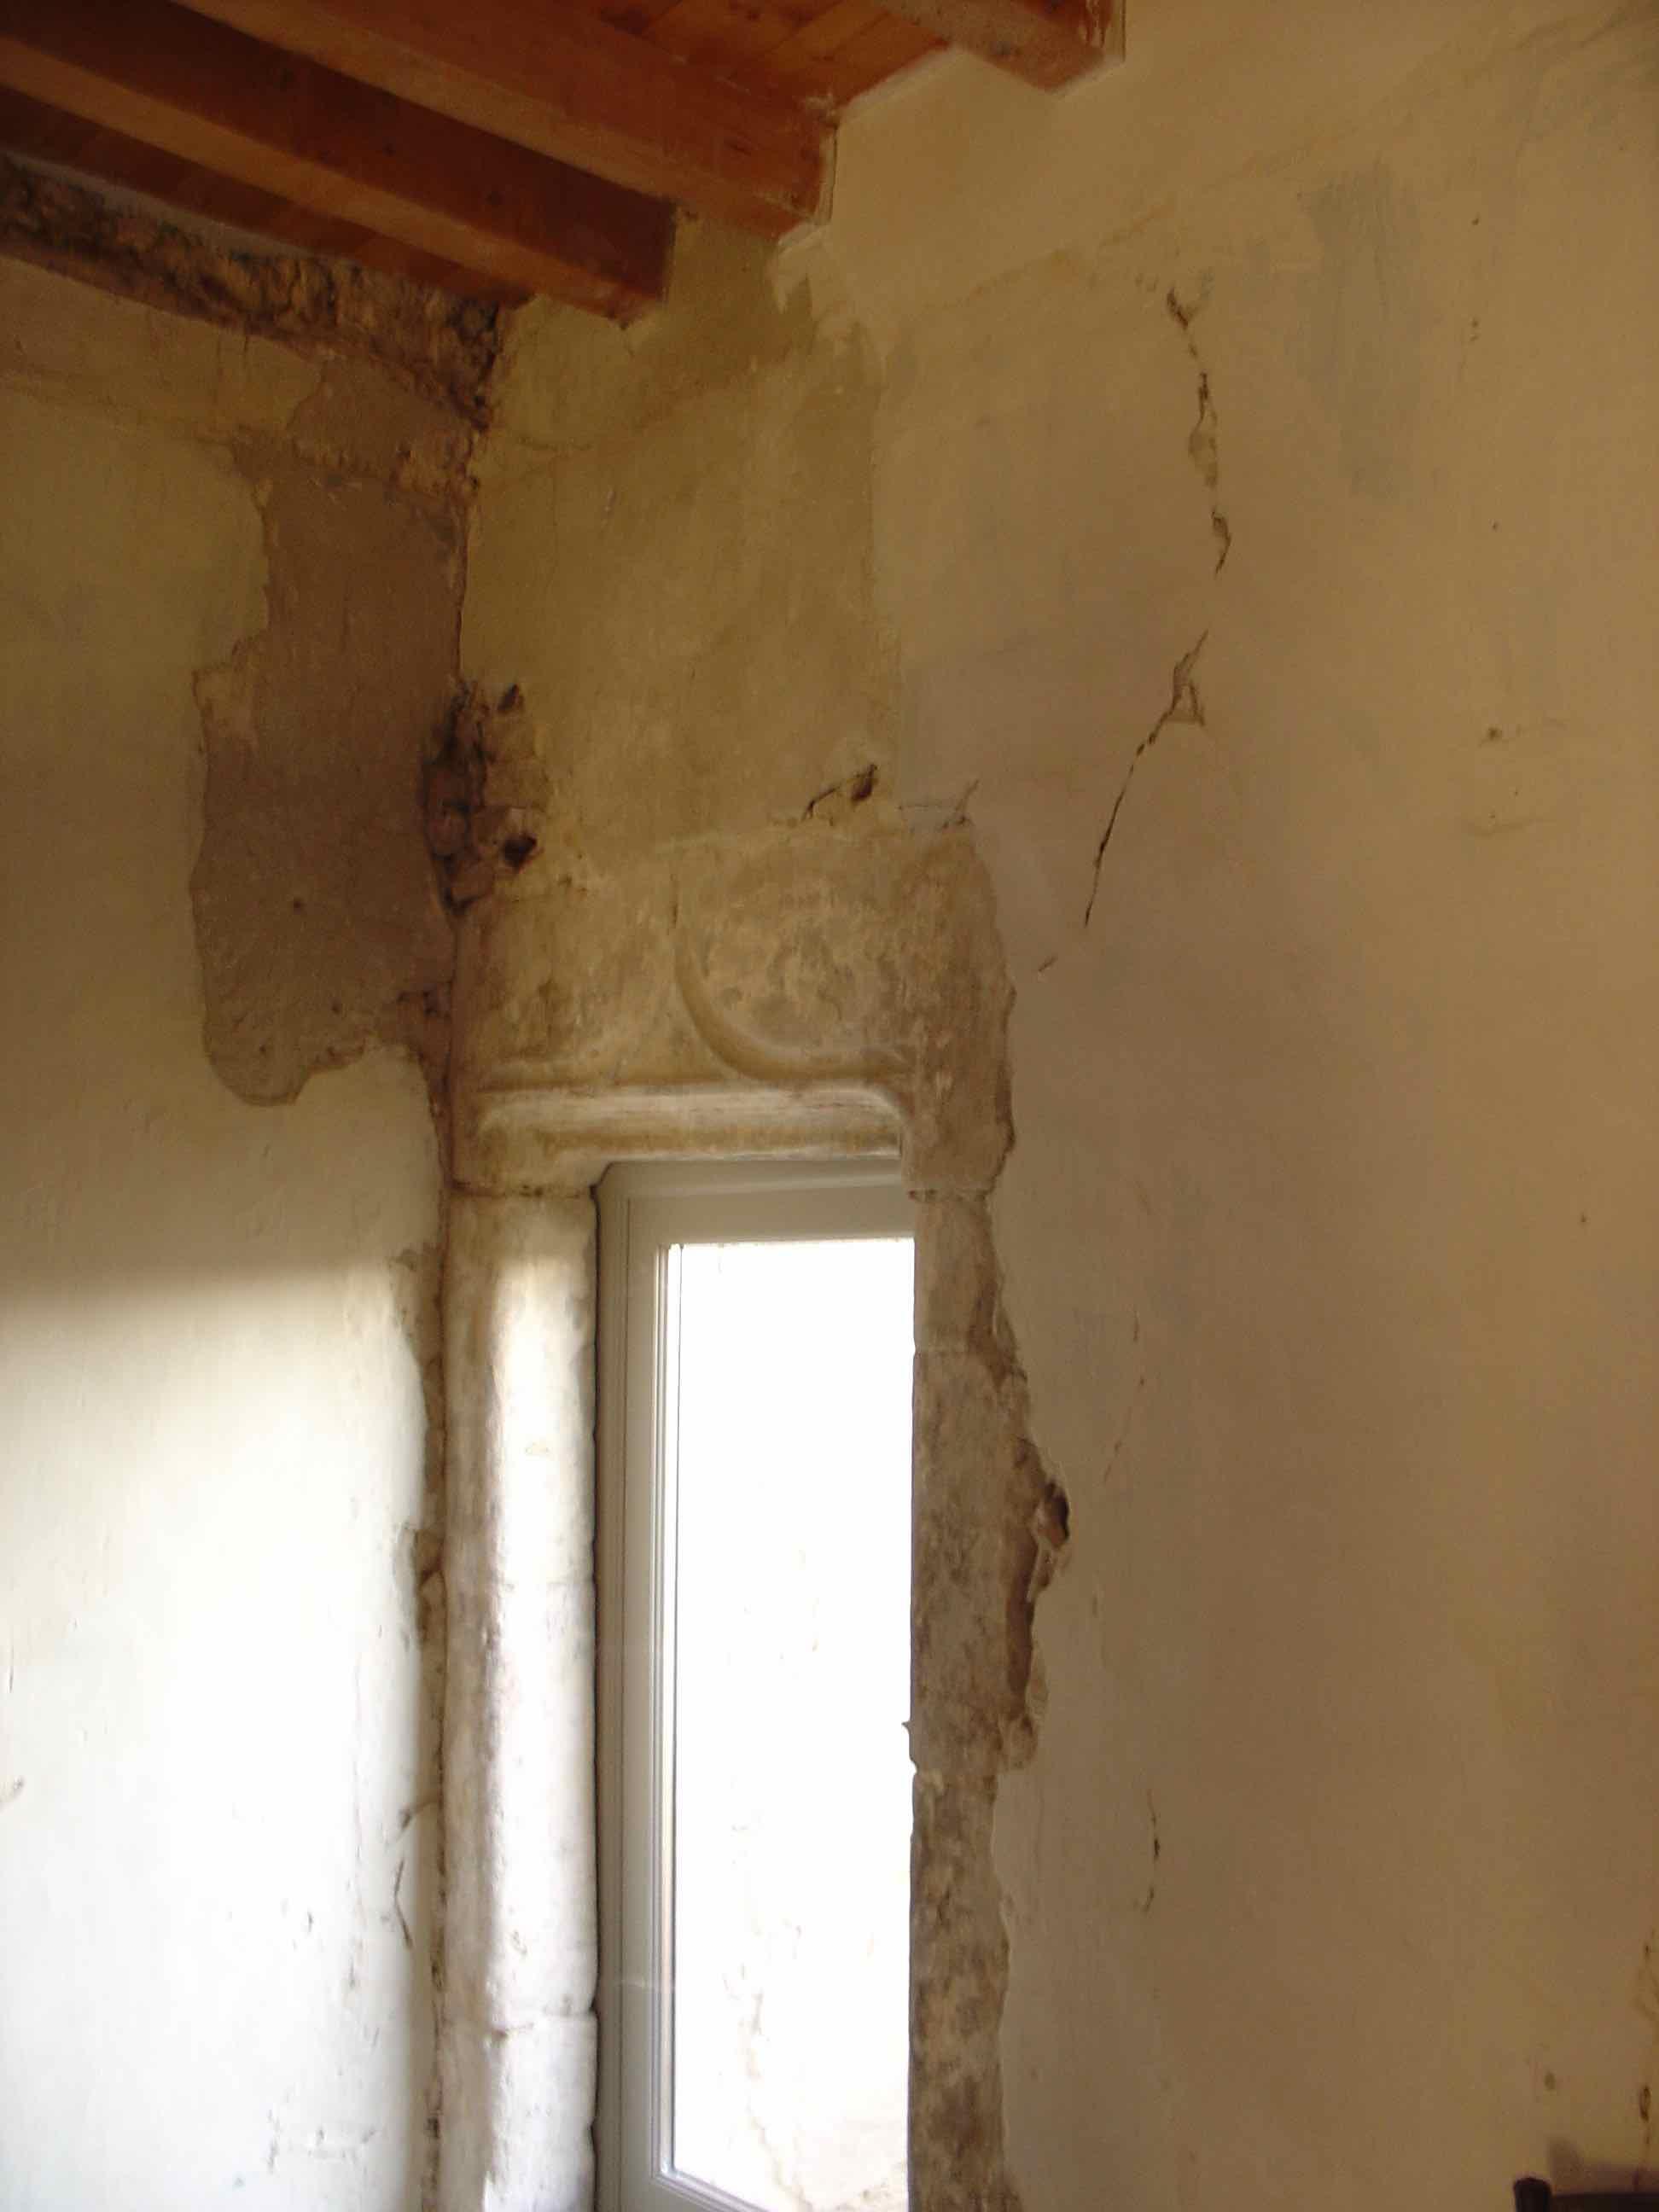 Porte 1er étage vers latrines